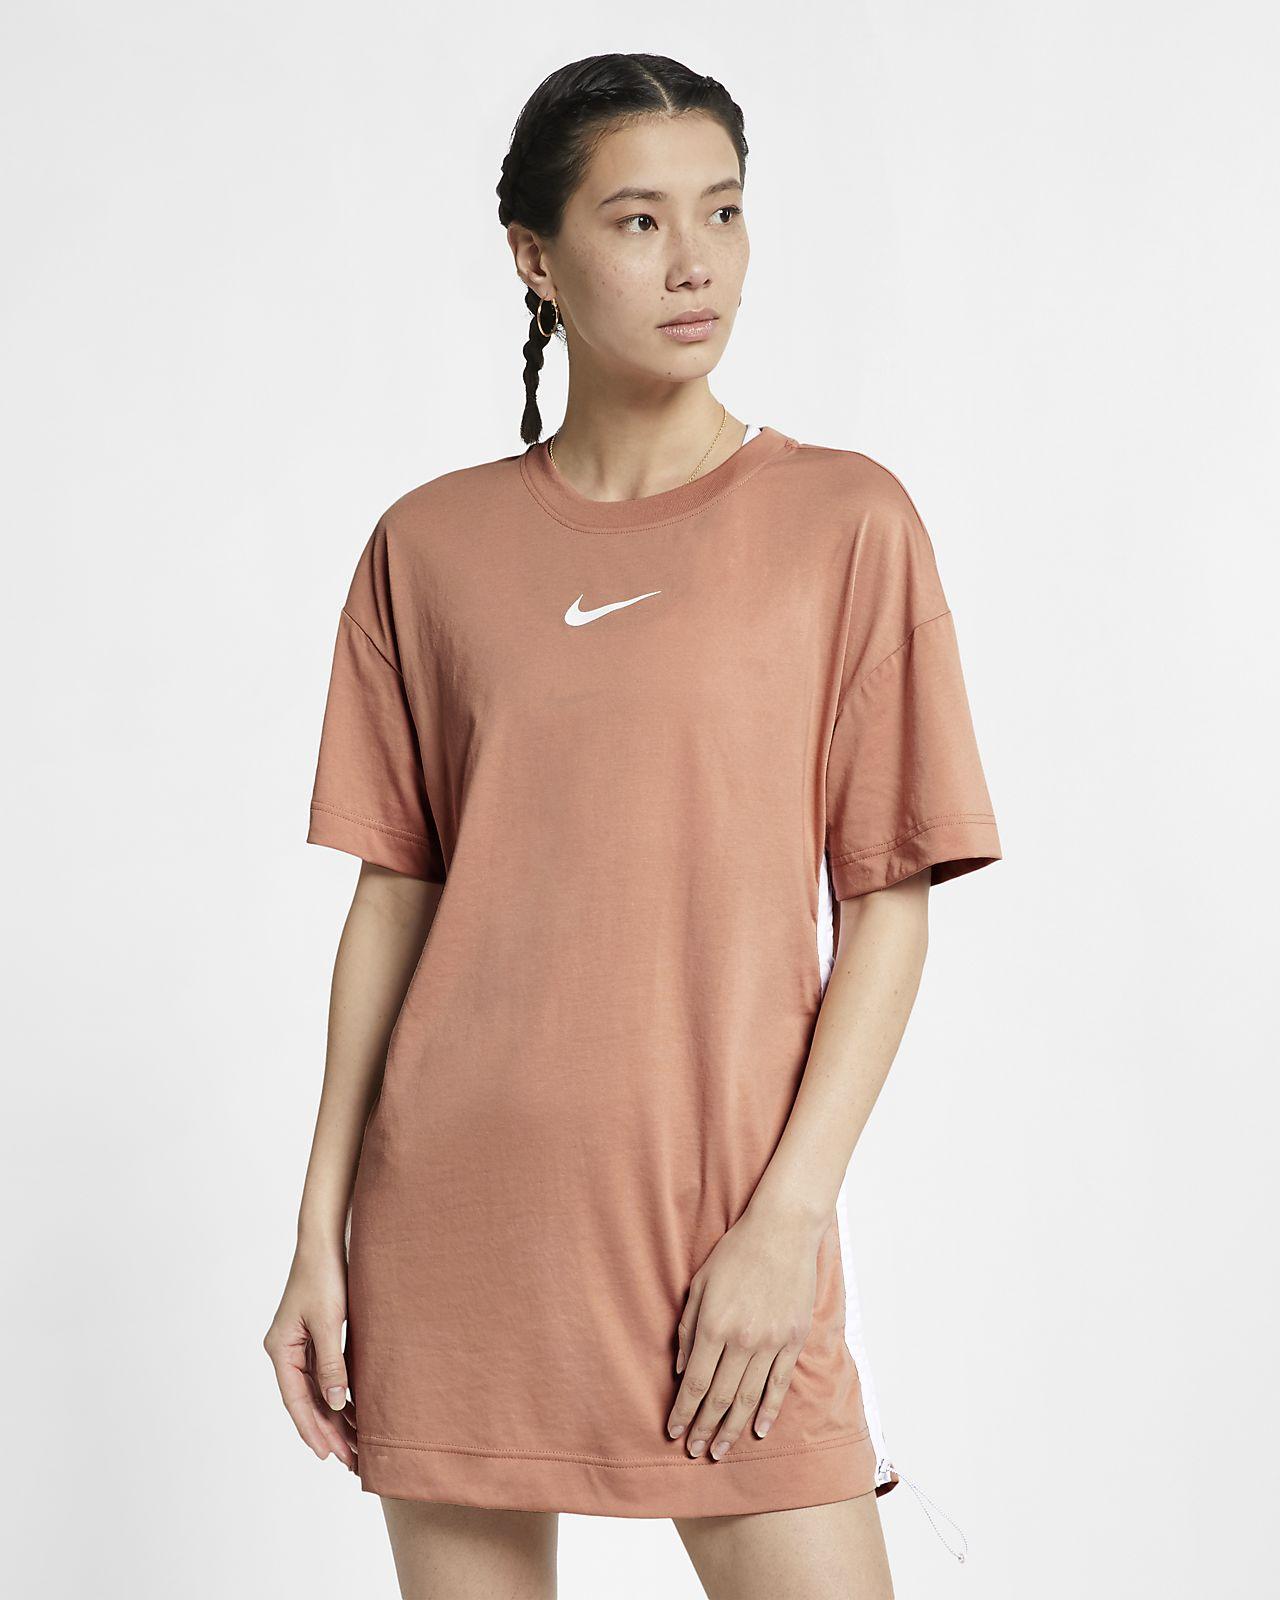 Klänning Nike Sportswear Swoosh för kvinnor